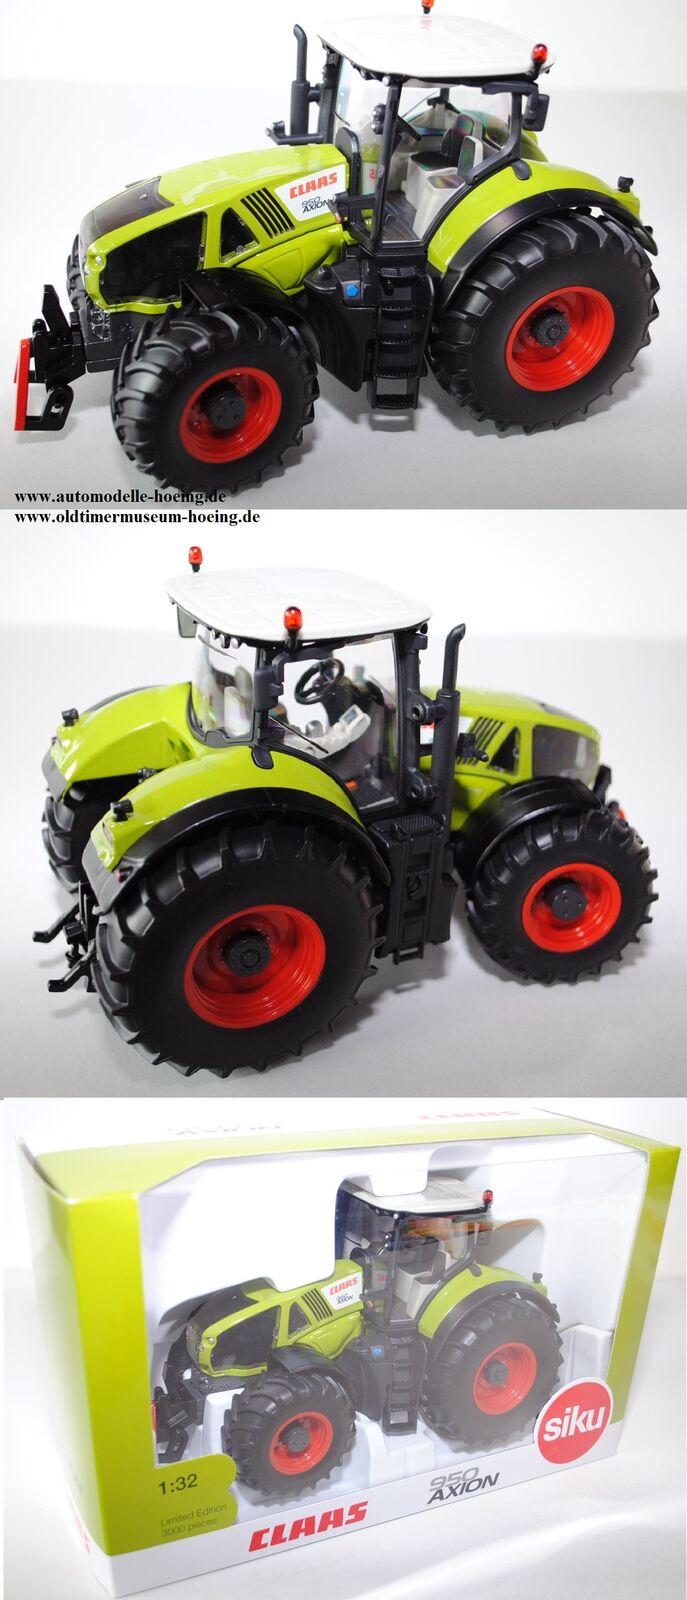 SIKU FARMER 3280 00401 Claas Axion 950 Tracteur 1 32 Modèle Spécial